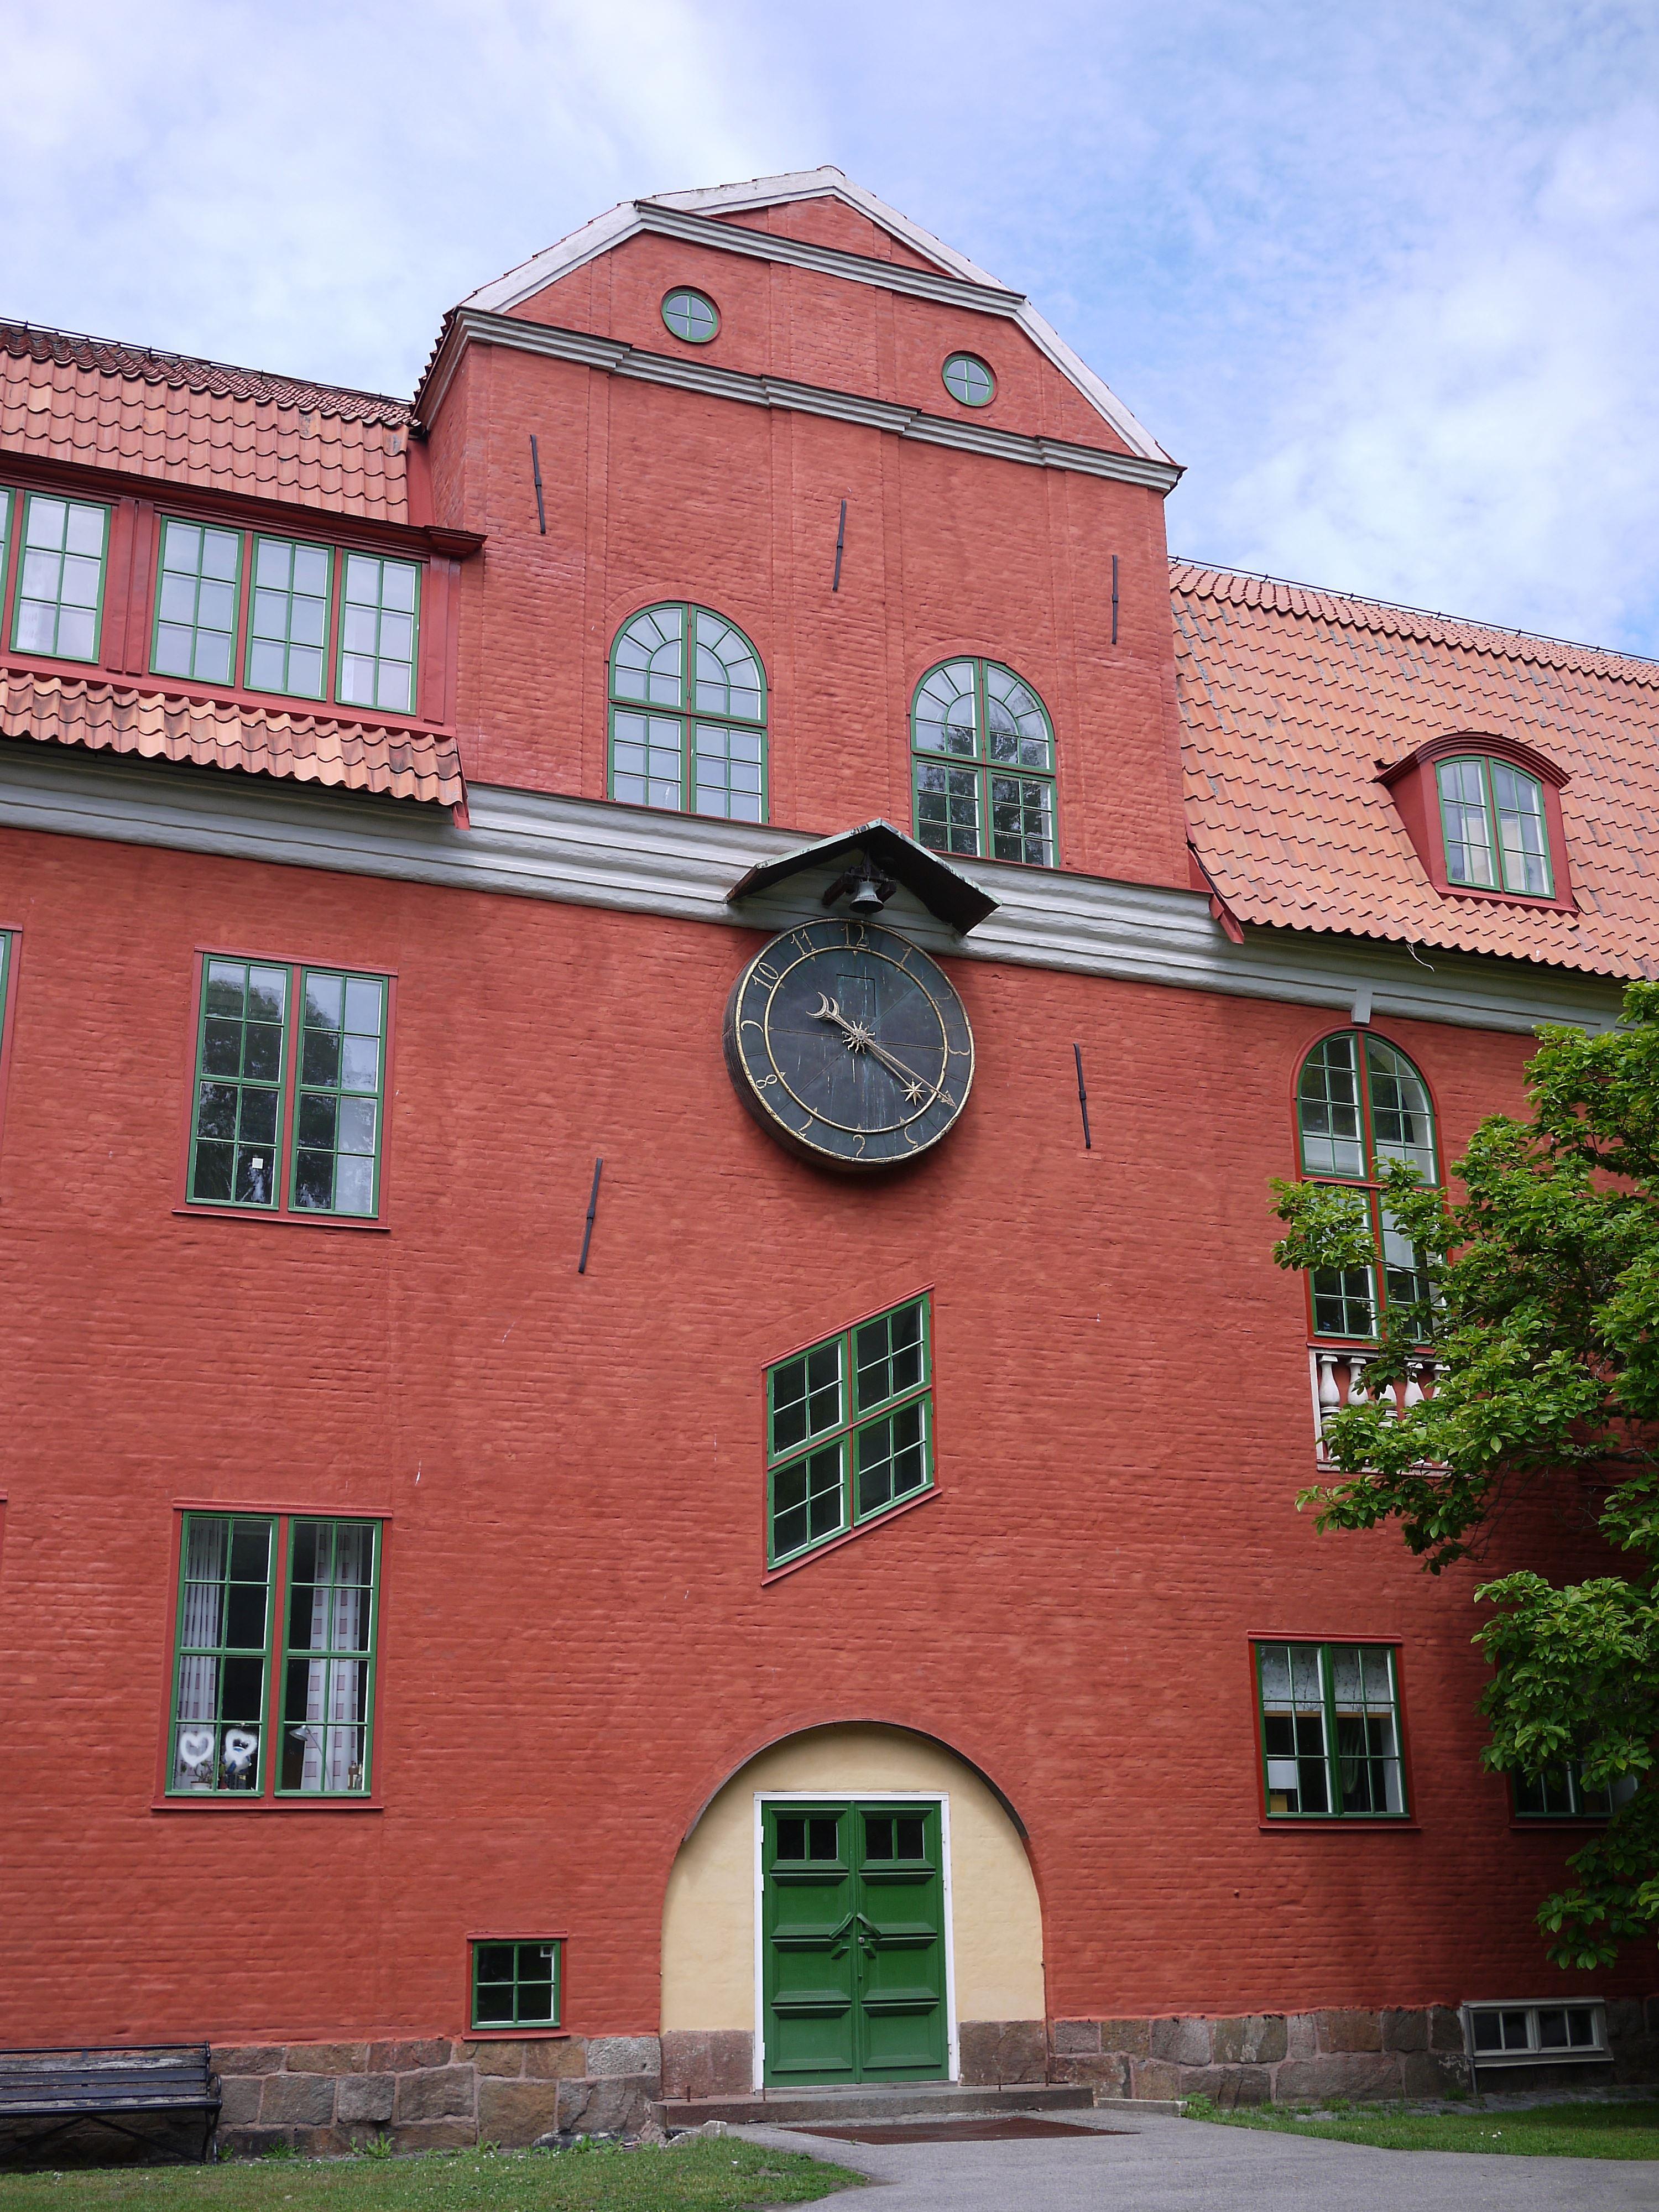 Asplund tur och retur – gör en utflykt i den svenska arkitekturhistorien